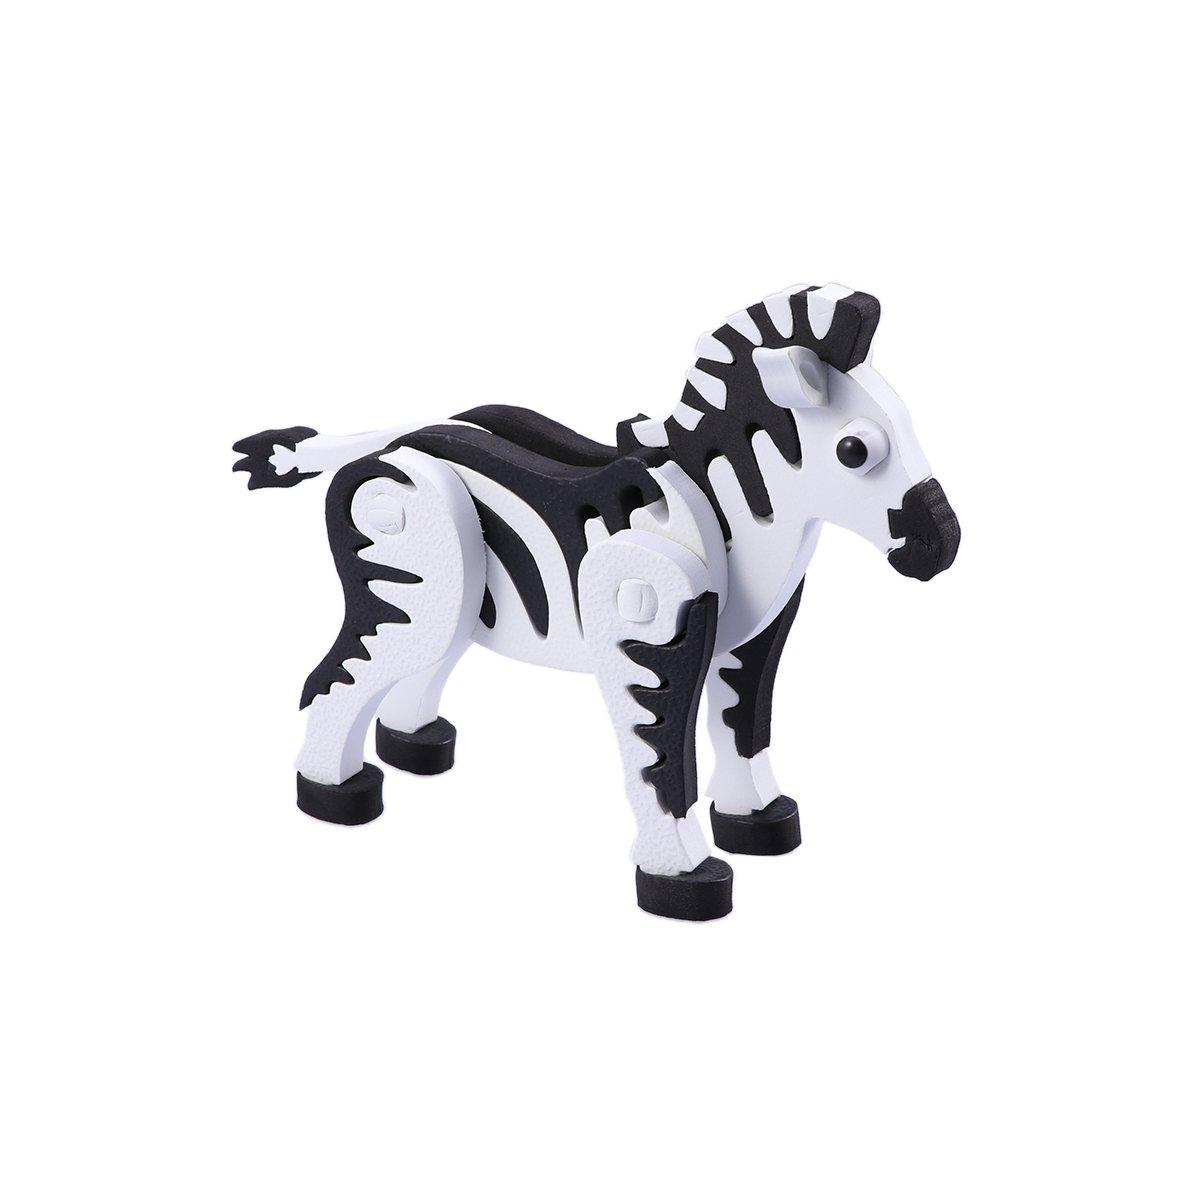 オリジナル toymytoy B07F695XBM 3d動物ジグソーパズル3d Zebra Zebra DIYアセンブリモデルトイ子供大人パズルToy toymytoy B07F695XBM, ゆにでのこづち:77aba1f4 --- a0267596.xsph.ru